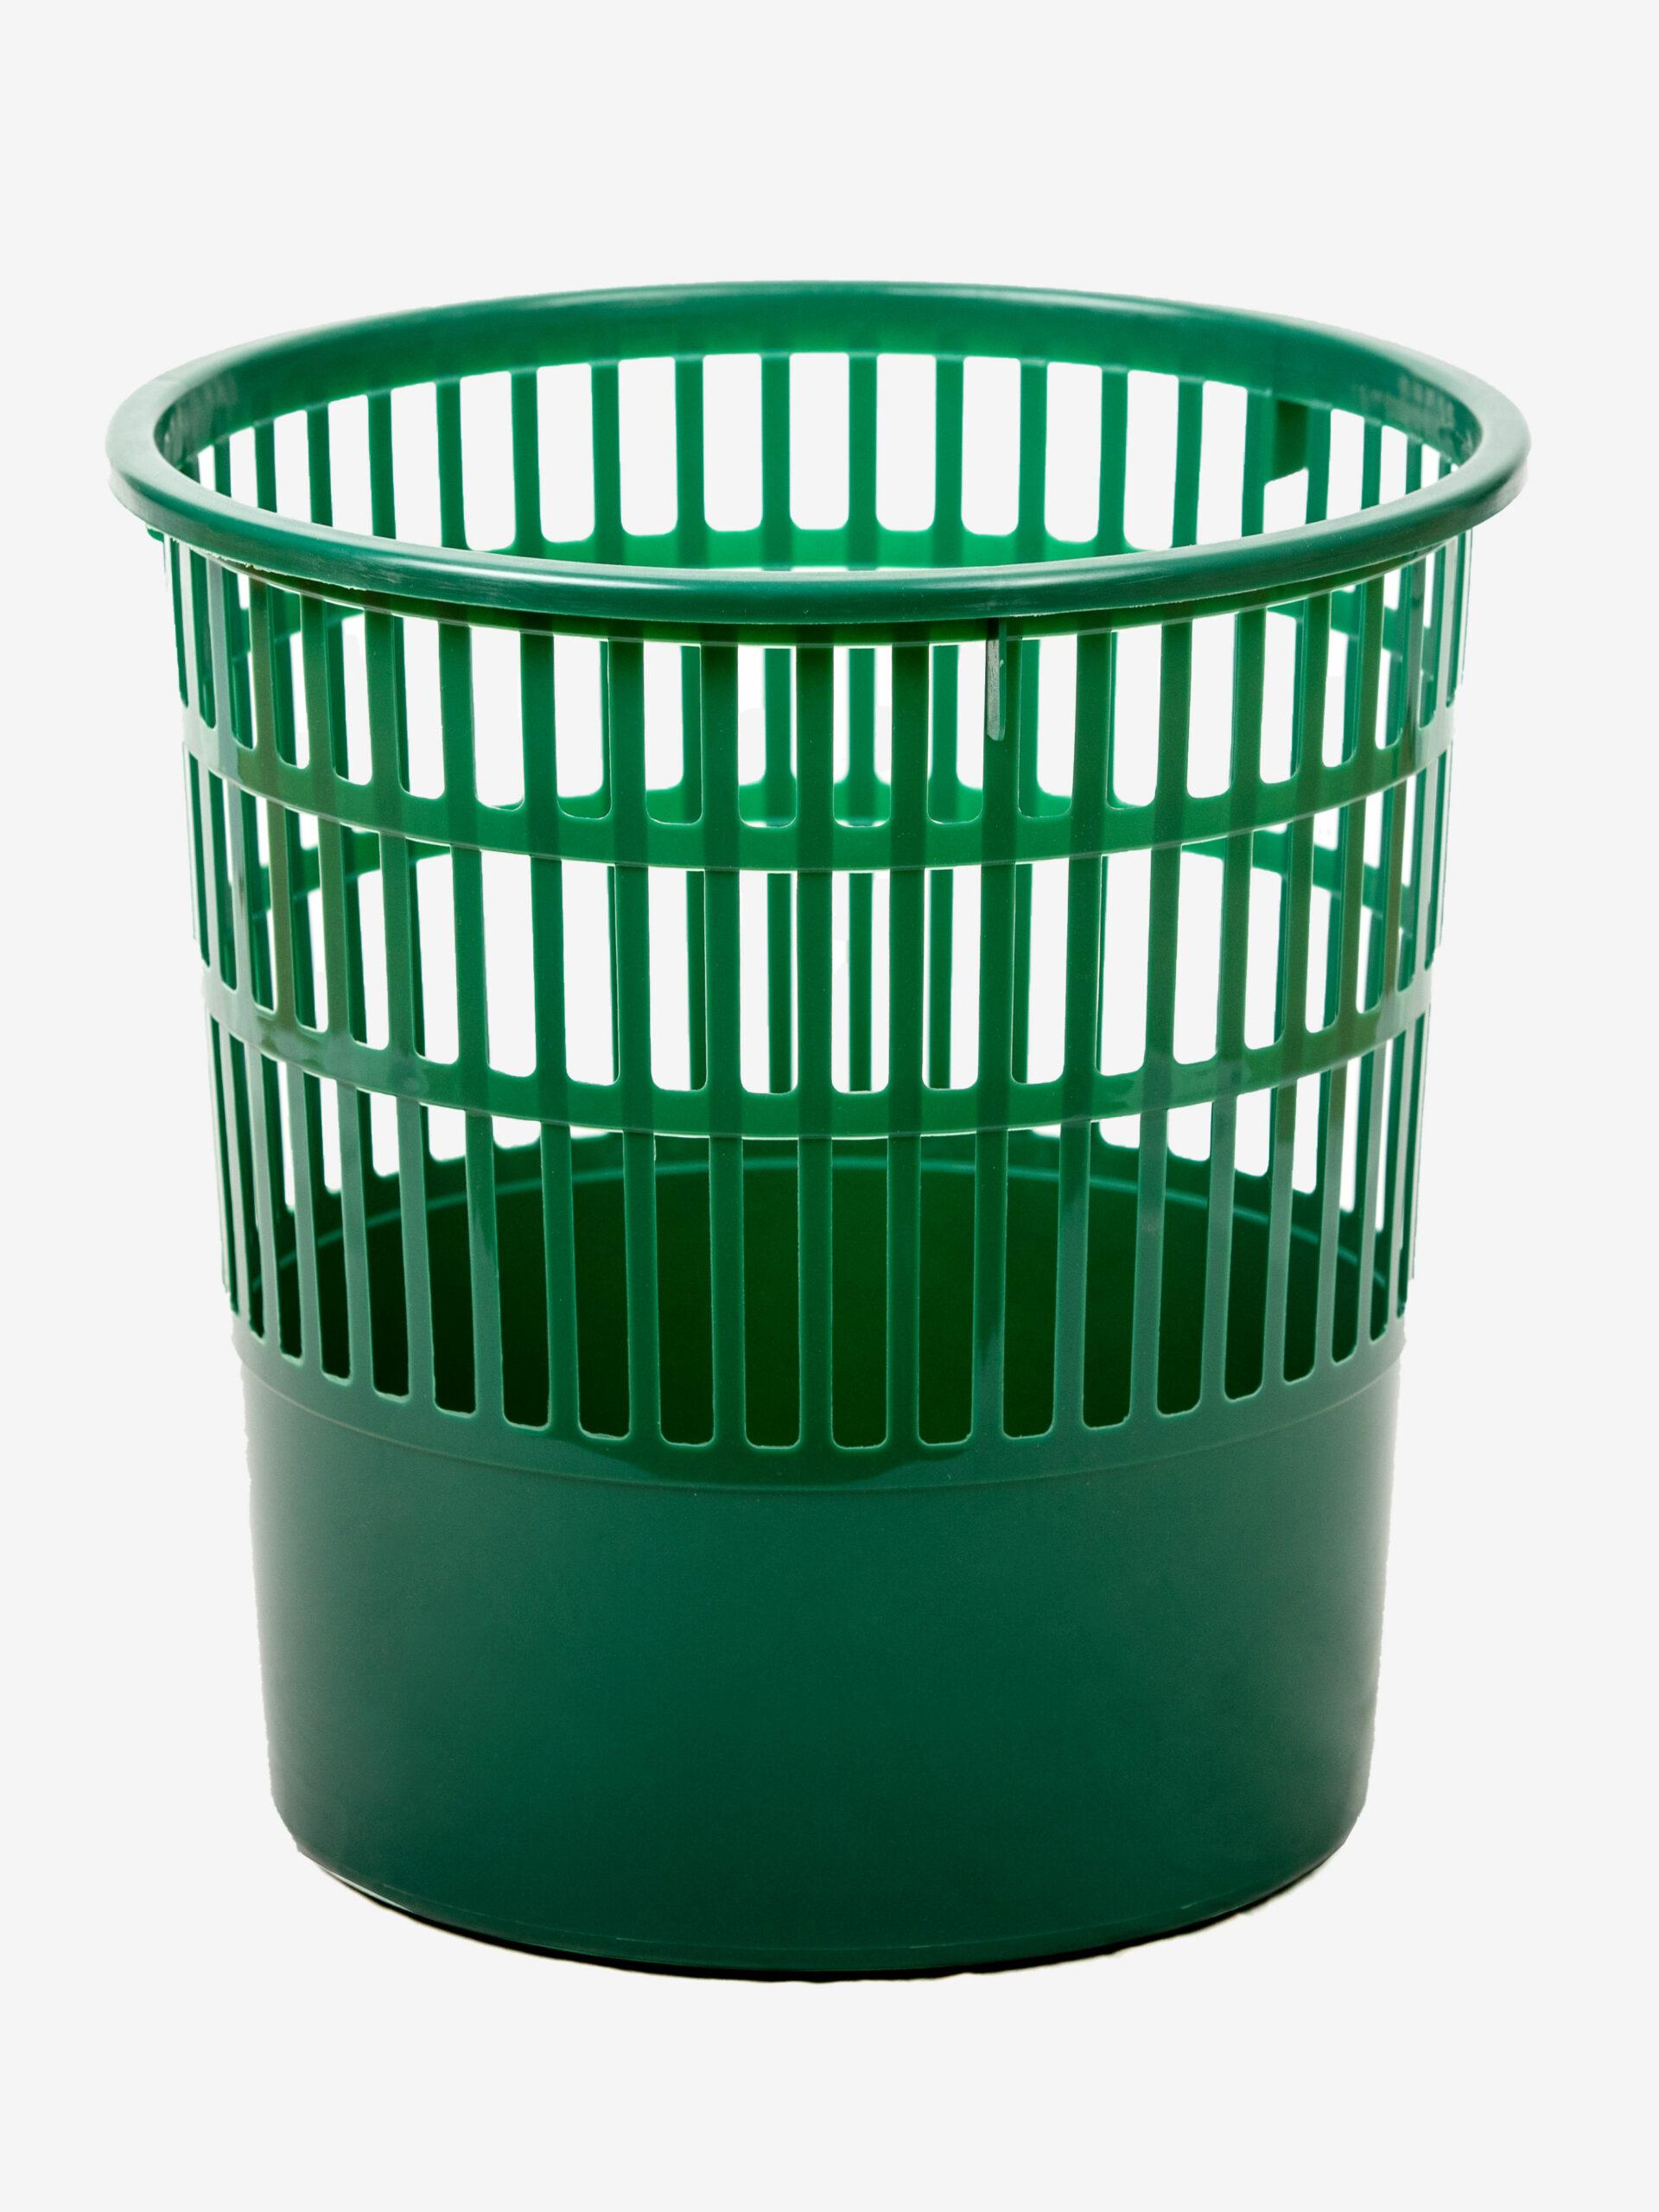 Mesh bin green